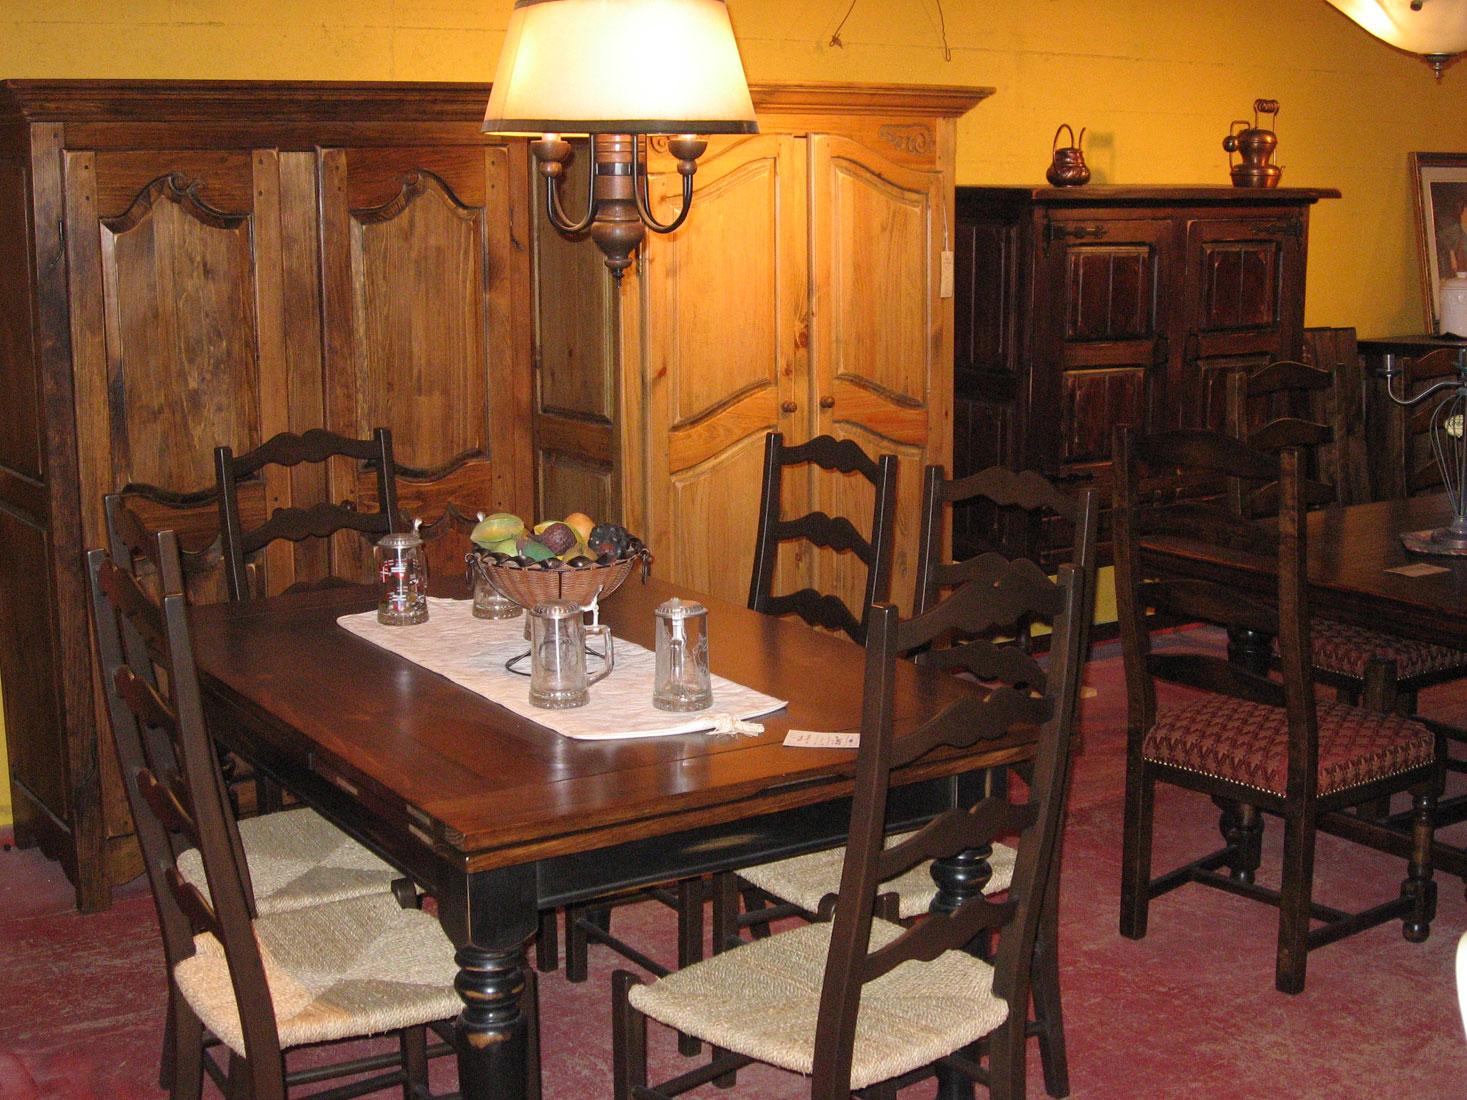 Cuisines et salle de bains meubles des patriotes - Salle a manger pin massif ...